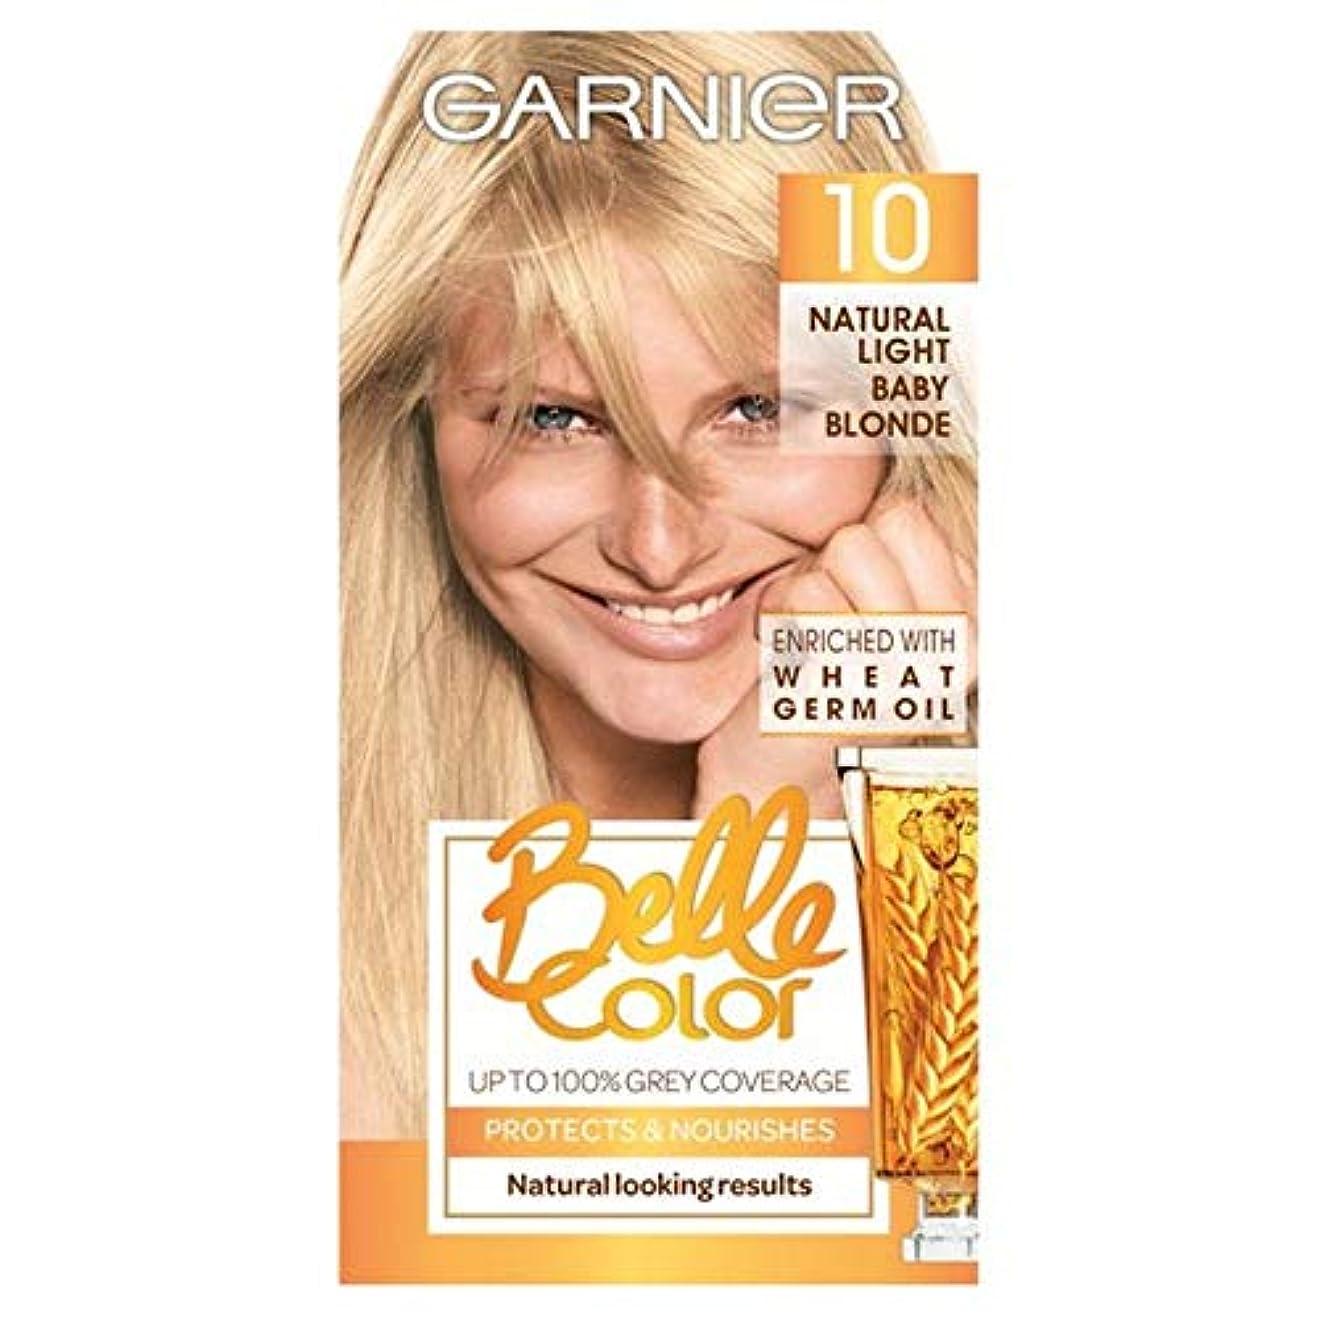 懺悔裏切り者敏感な[Belle Color ] ガーン/ベル/Clr 10自然光の赤ちゃんブロンドパーマネントヘアダイ - Garn/Bel/Clr 10 Natural Light Baby Blonde Permanent Hair...